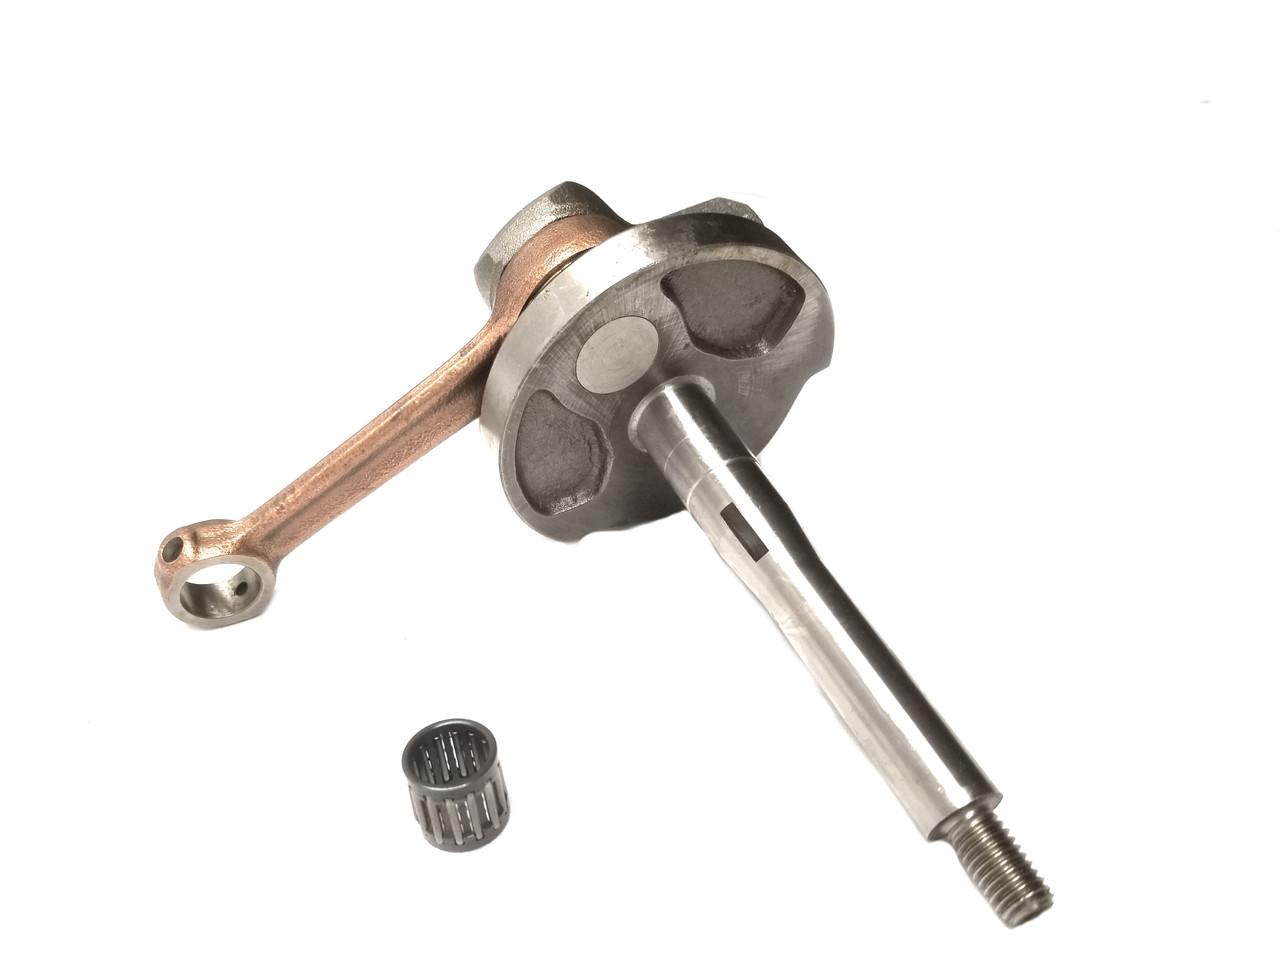 Vespa Piaggio Performance Crank Shaft, 12 Pin - Mazzucchelli